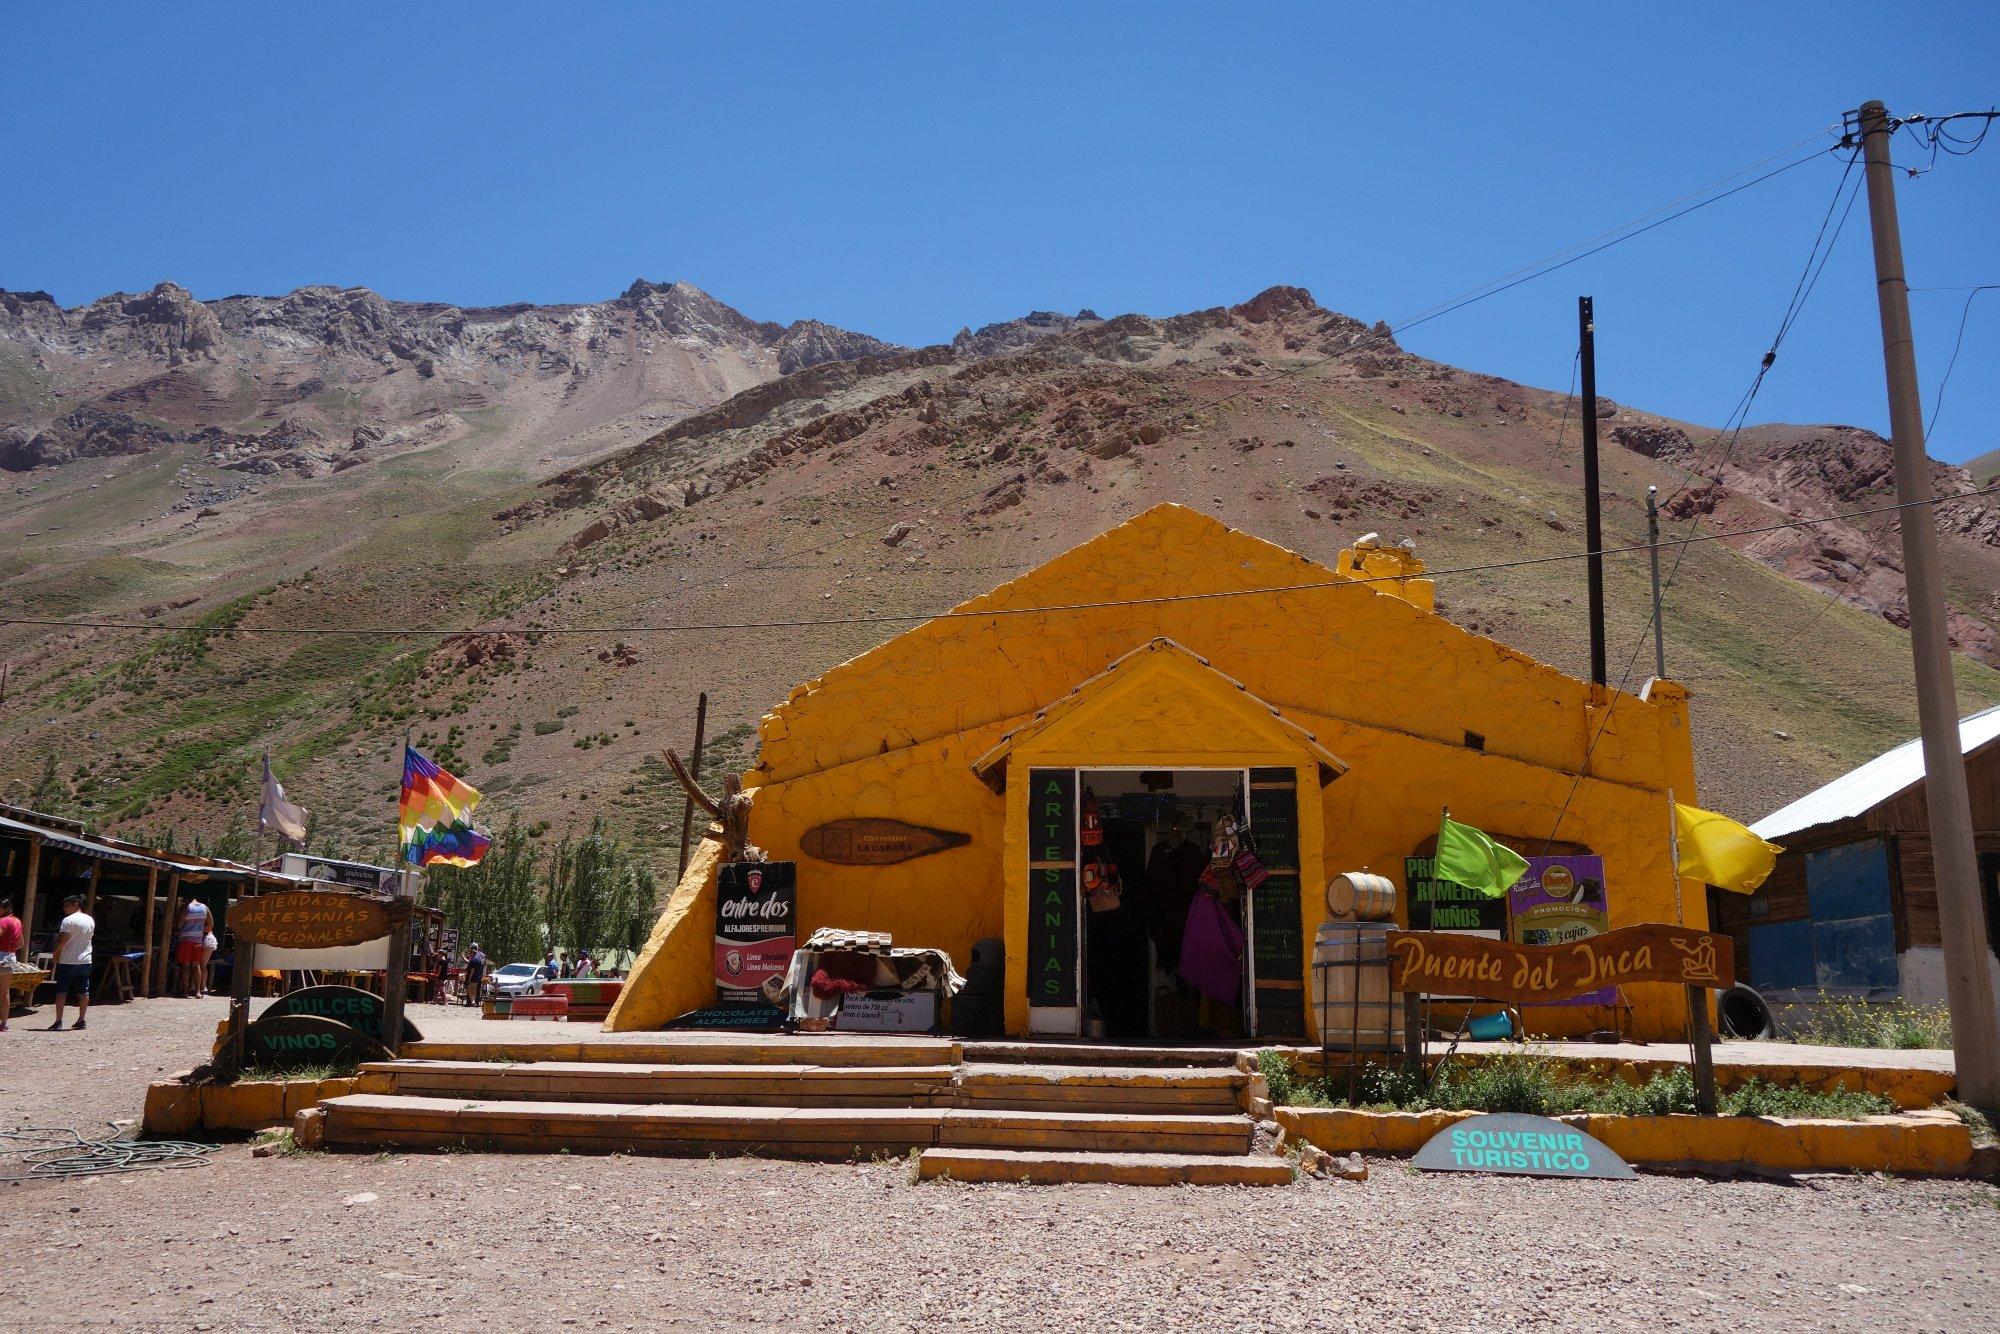 Puente del incan kylää